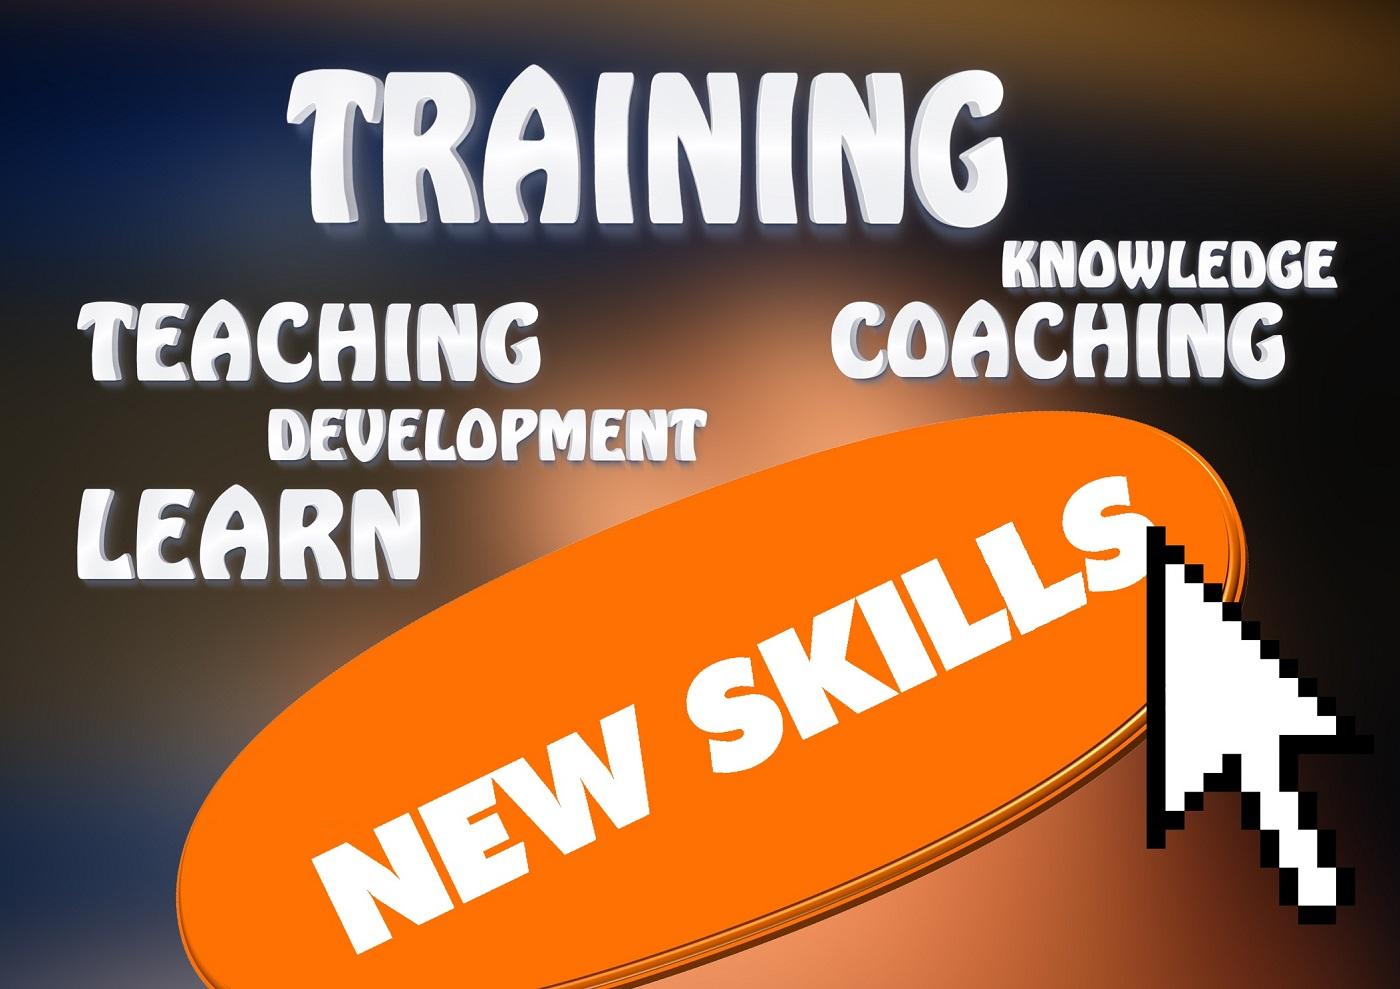 93b-skills-835747